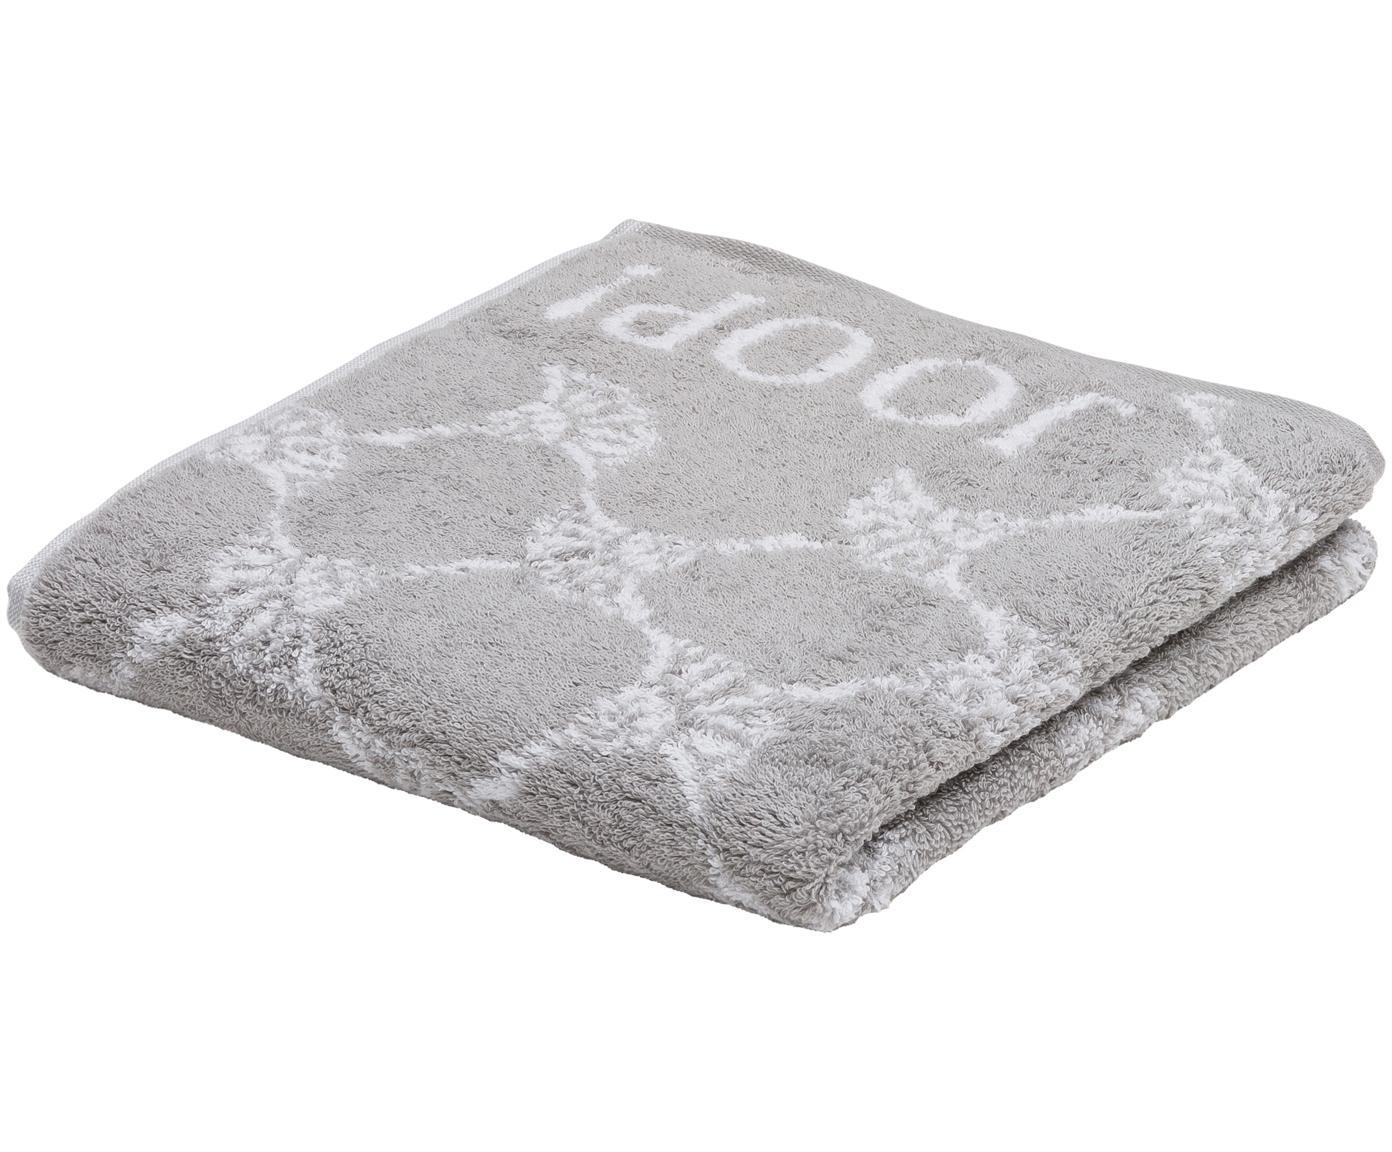 Handdoek Classic Cornflower met korenbloemen print, Katoen (badstof), middelzware kwaliteit, 536 g/m², Zilvergrijs, wit, Handdoek